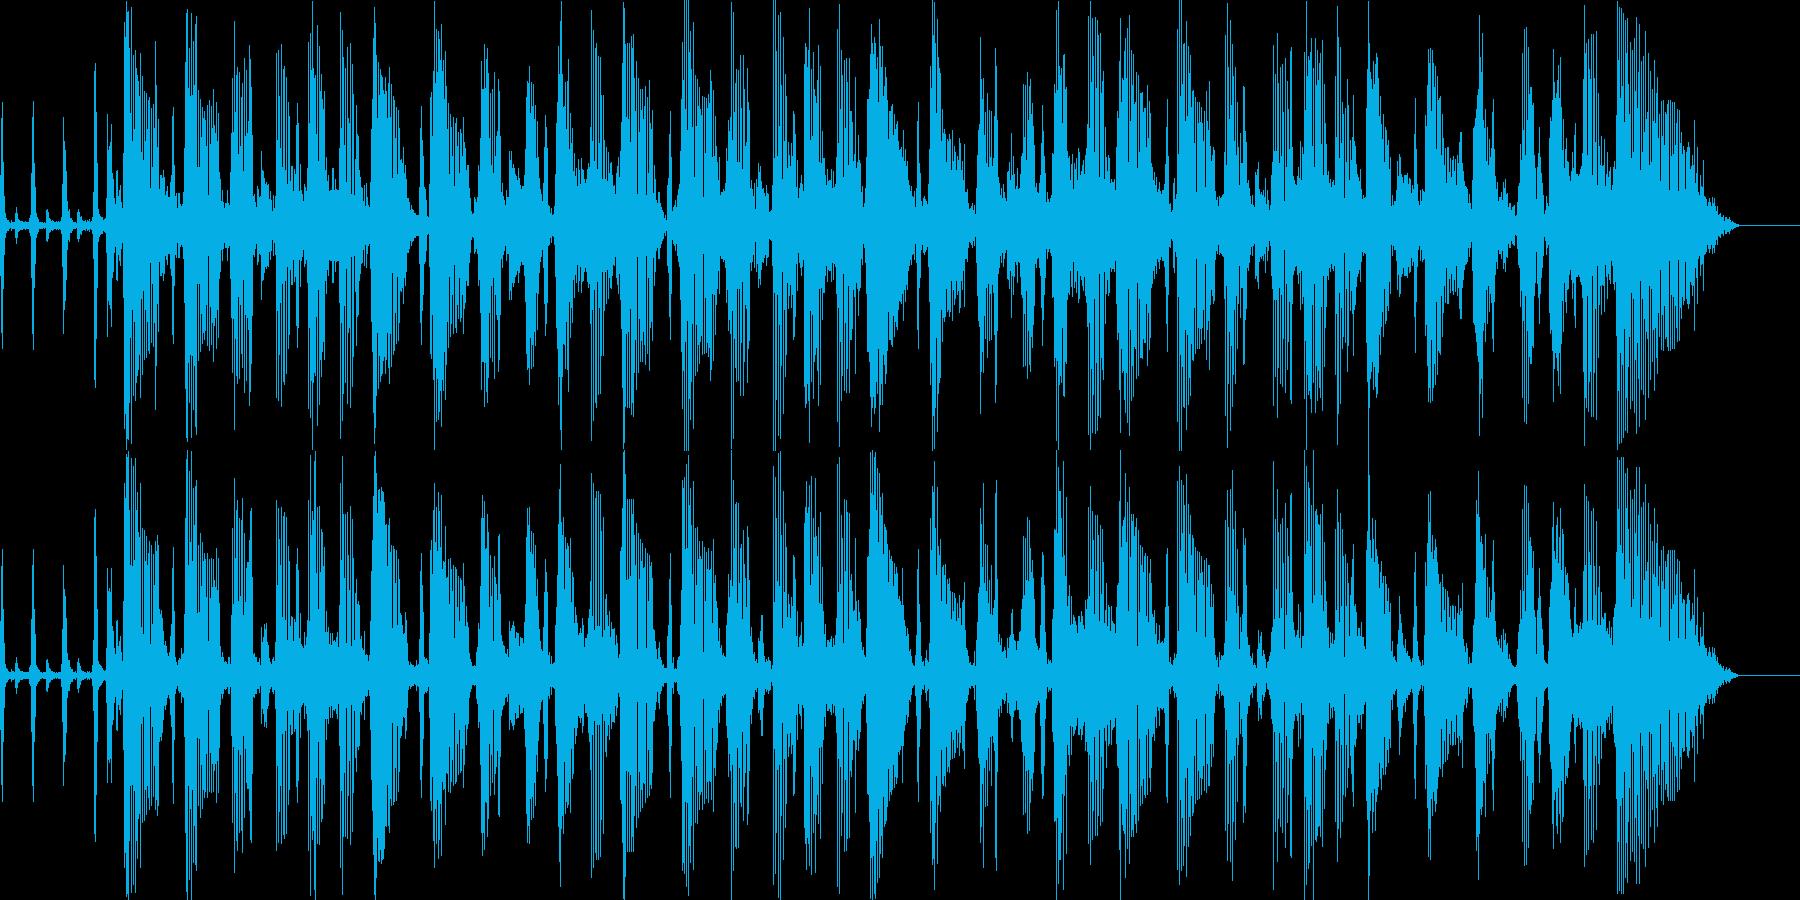 ジャズが奏でるBGMの再生済みの波形